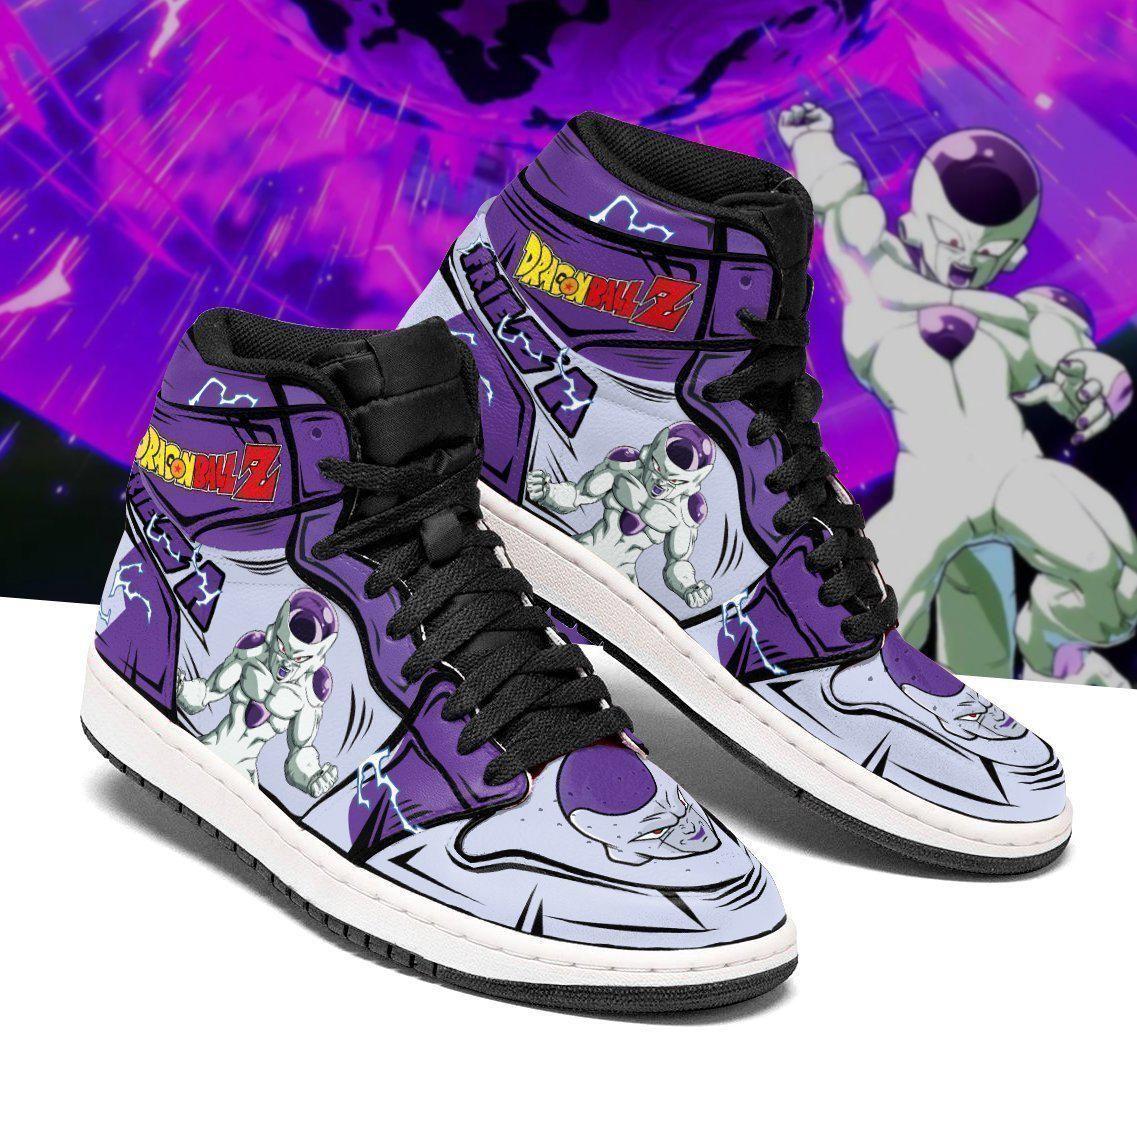 DBZ Frieza Sneakers Custom Anime Dragon Ball Z Shoes GO1210